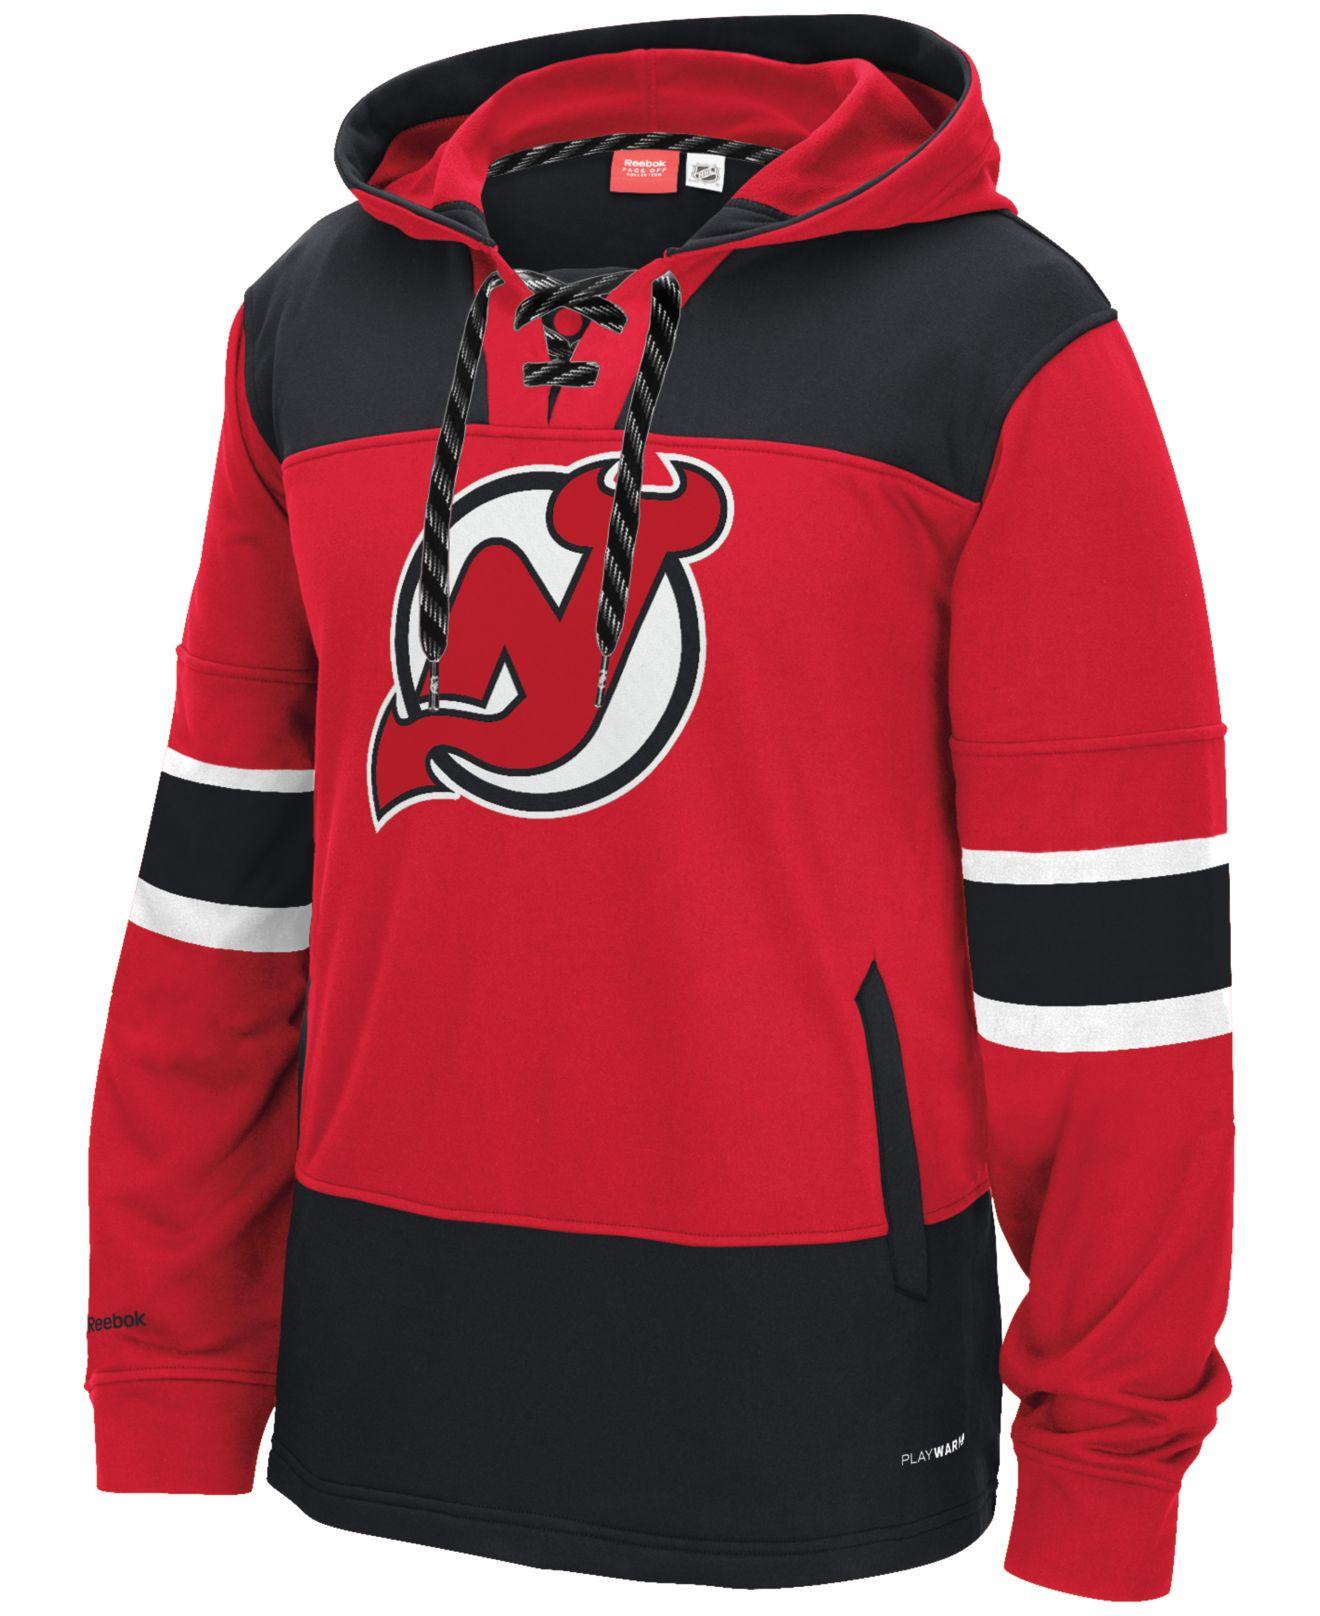 a4917db6f Lyst - Reebok Men s New Jersey Devils Jersey Hoodie in Red for Men